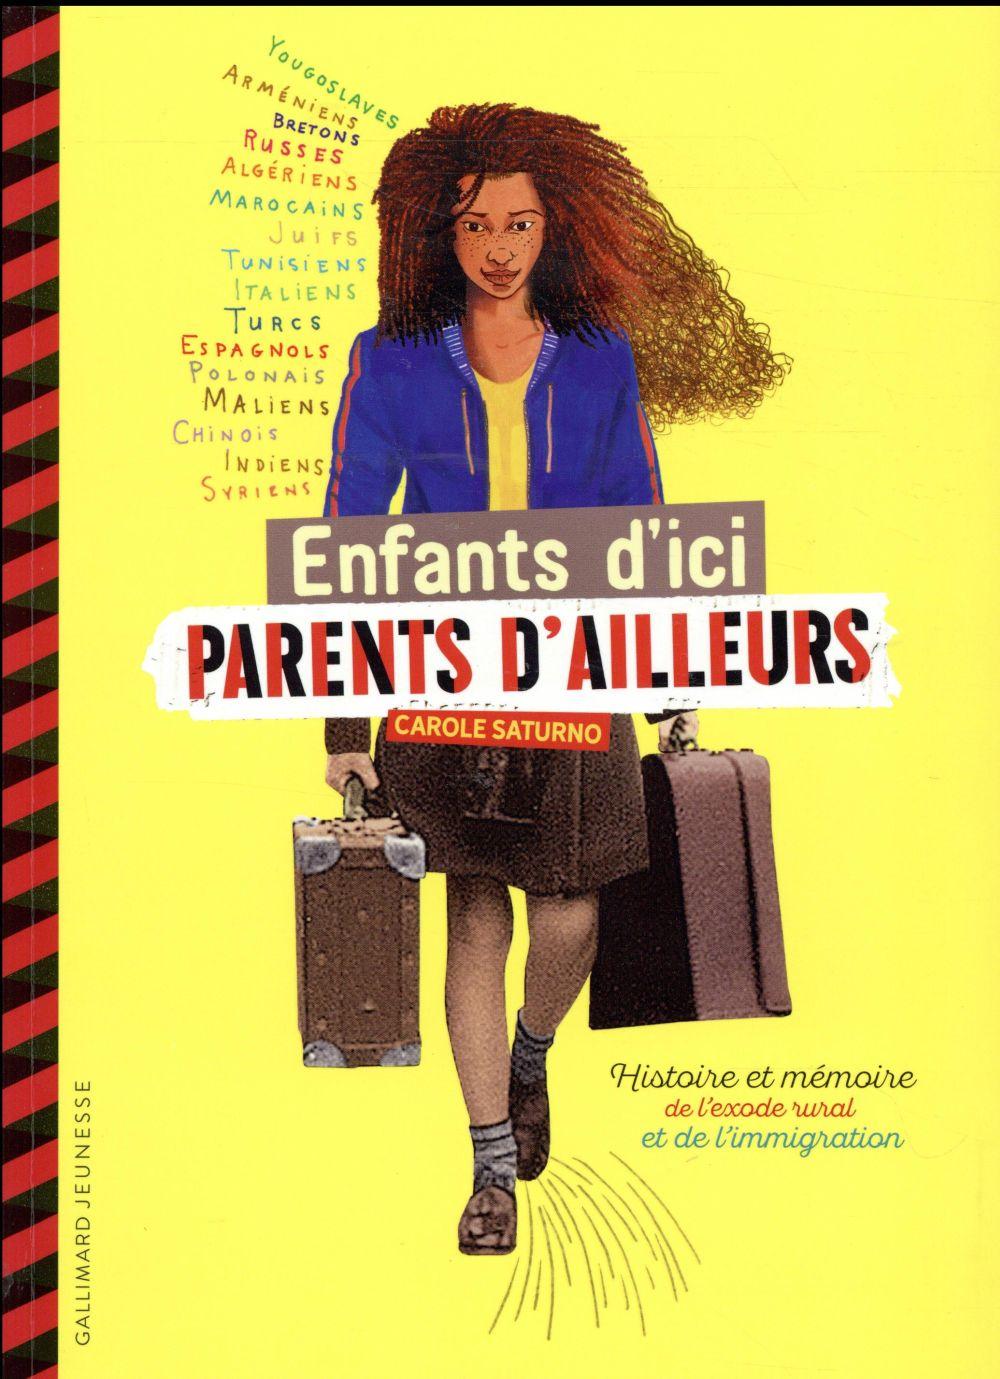 ENFANTS D'ICI, PARENTS D'AILLEURS